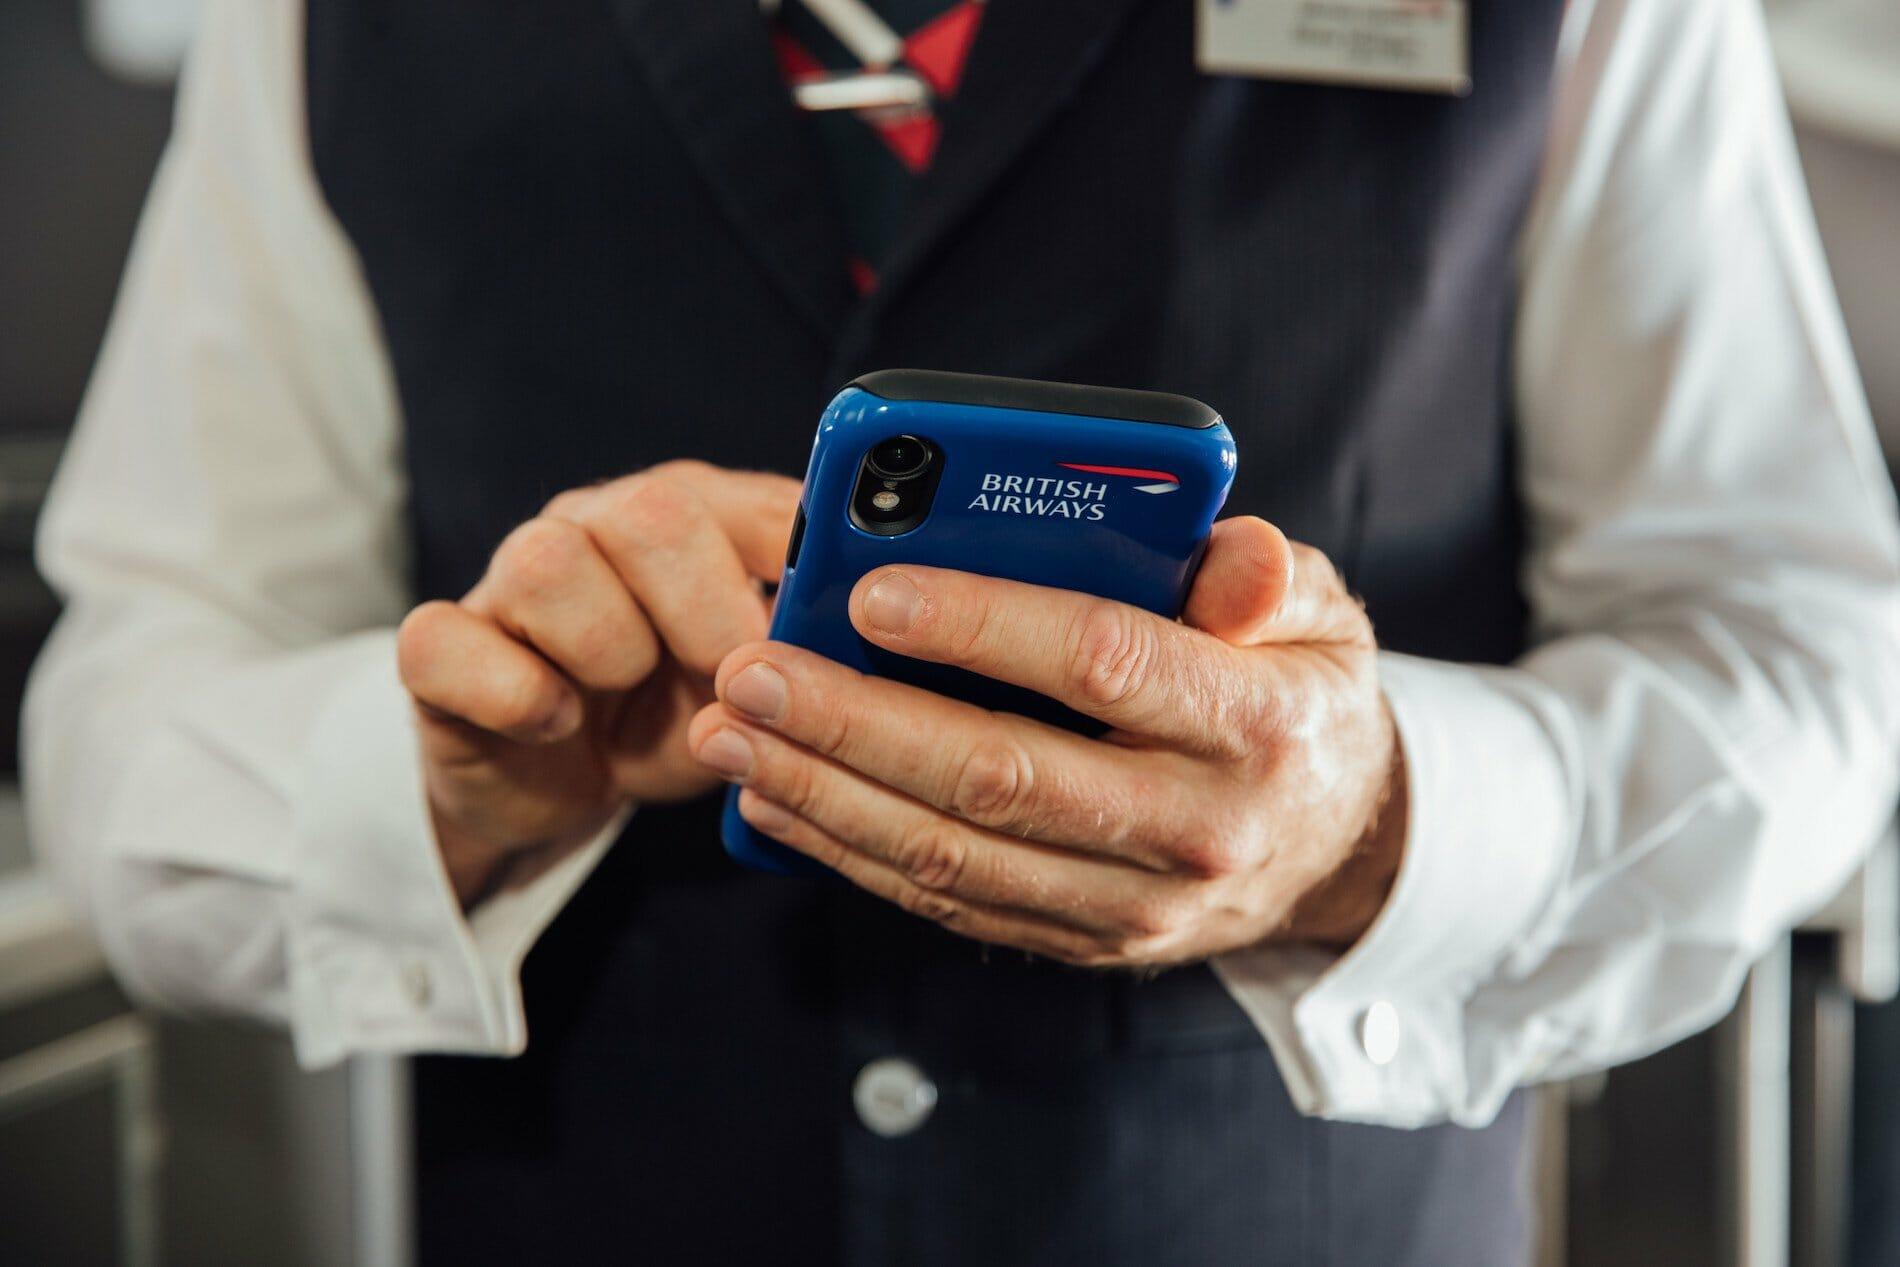 British Airways, yolcularına hizmet sunmak için 15.000 iPhone XR kullanacak 1